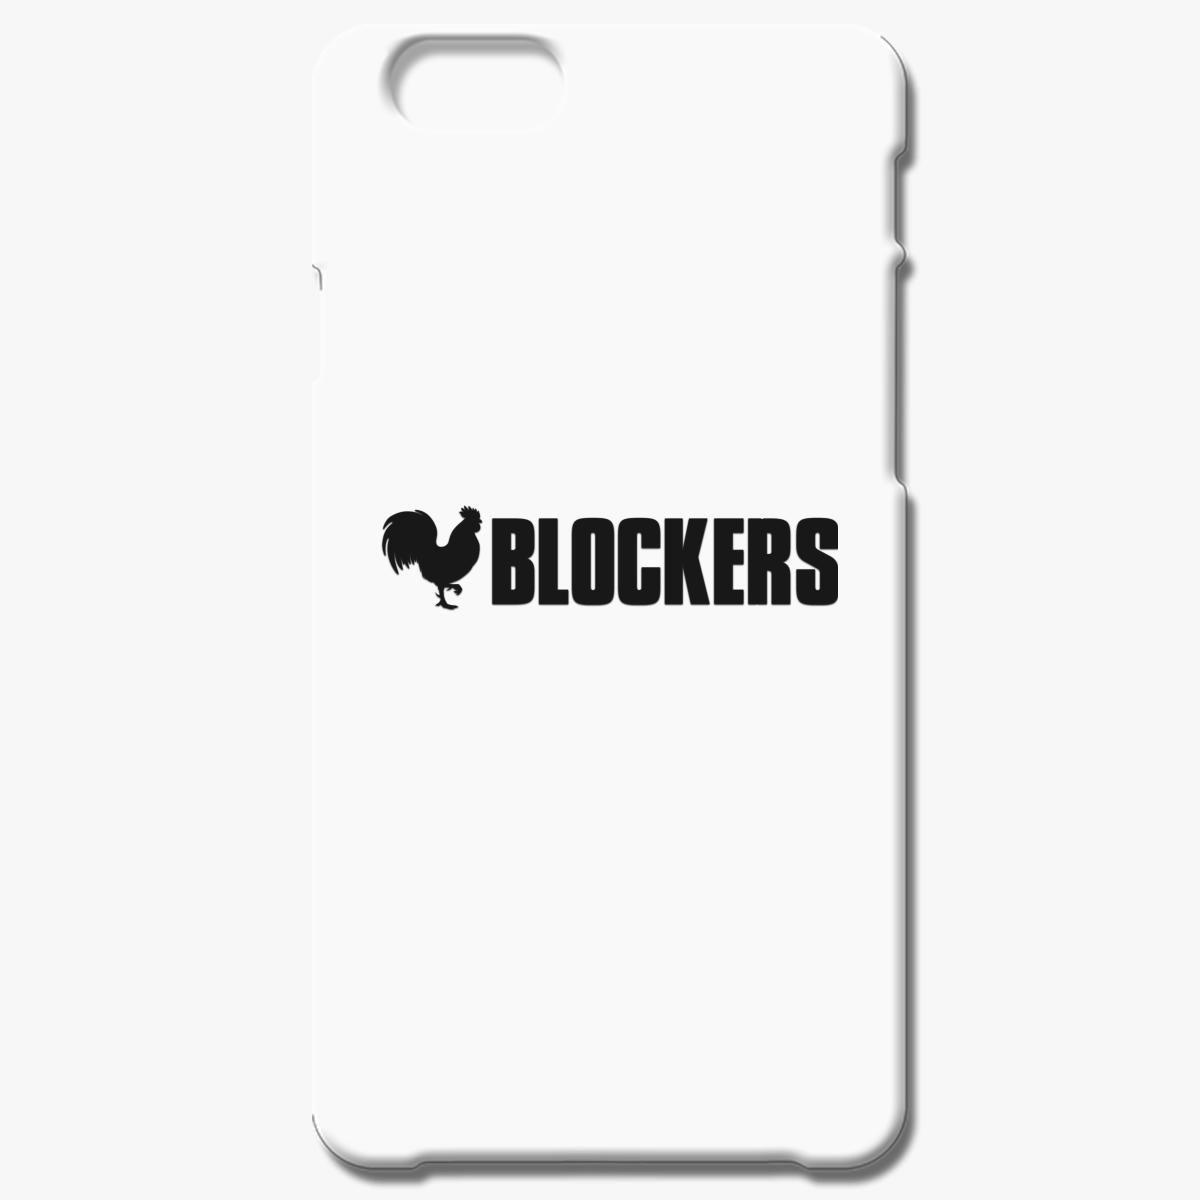 Blockers Movie Iphone 6 6s Plus Case